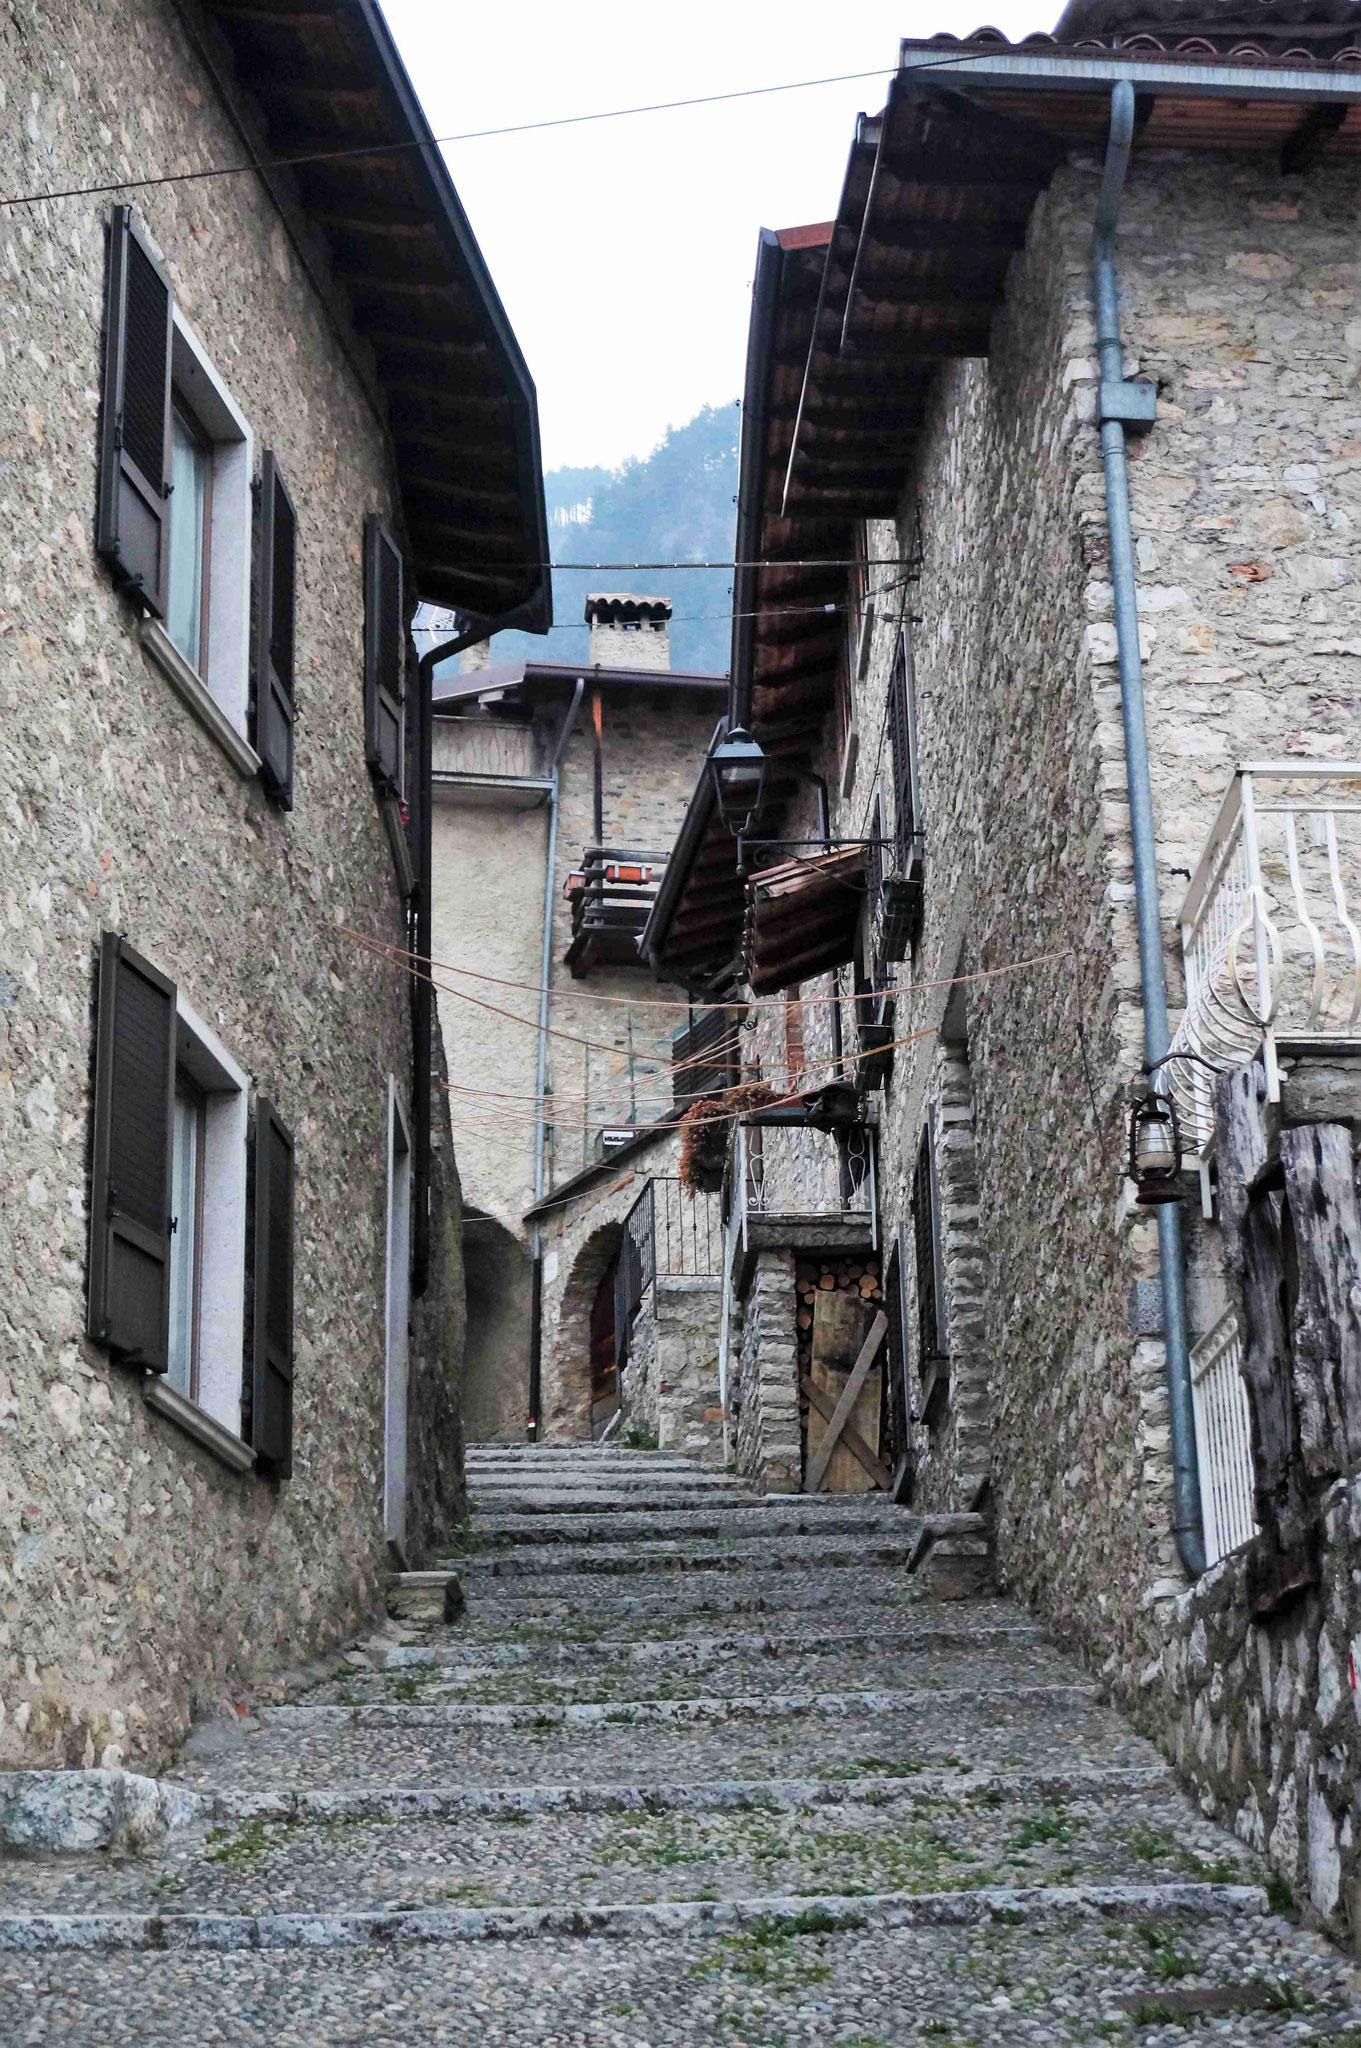 Appartement20 - Olzano historischer Ortskern